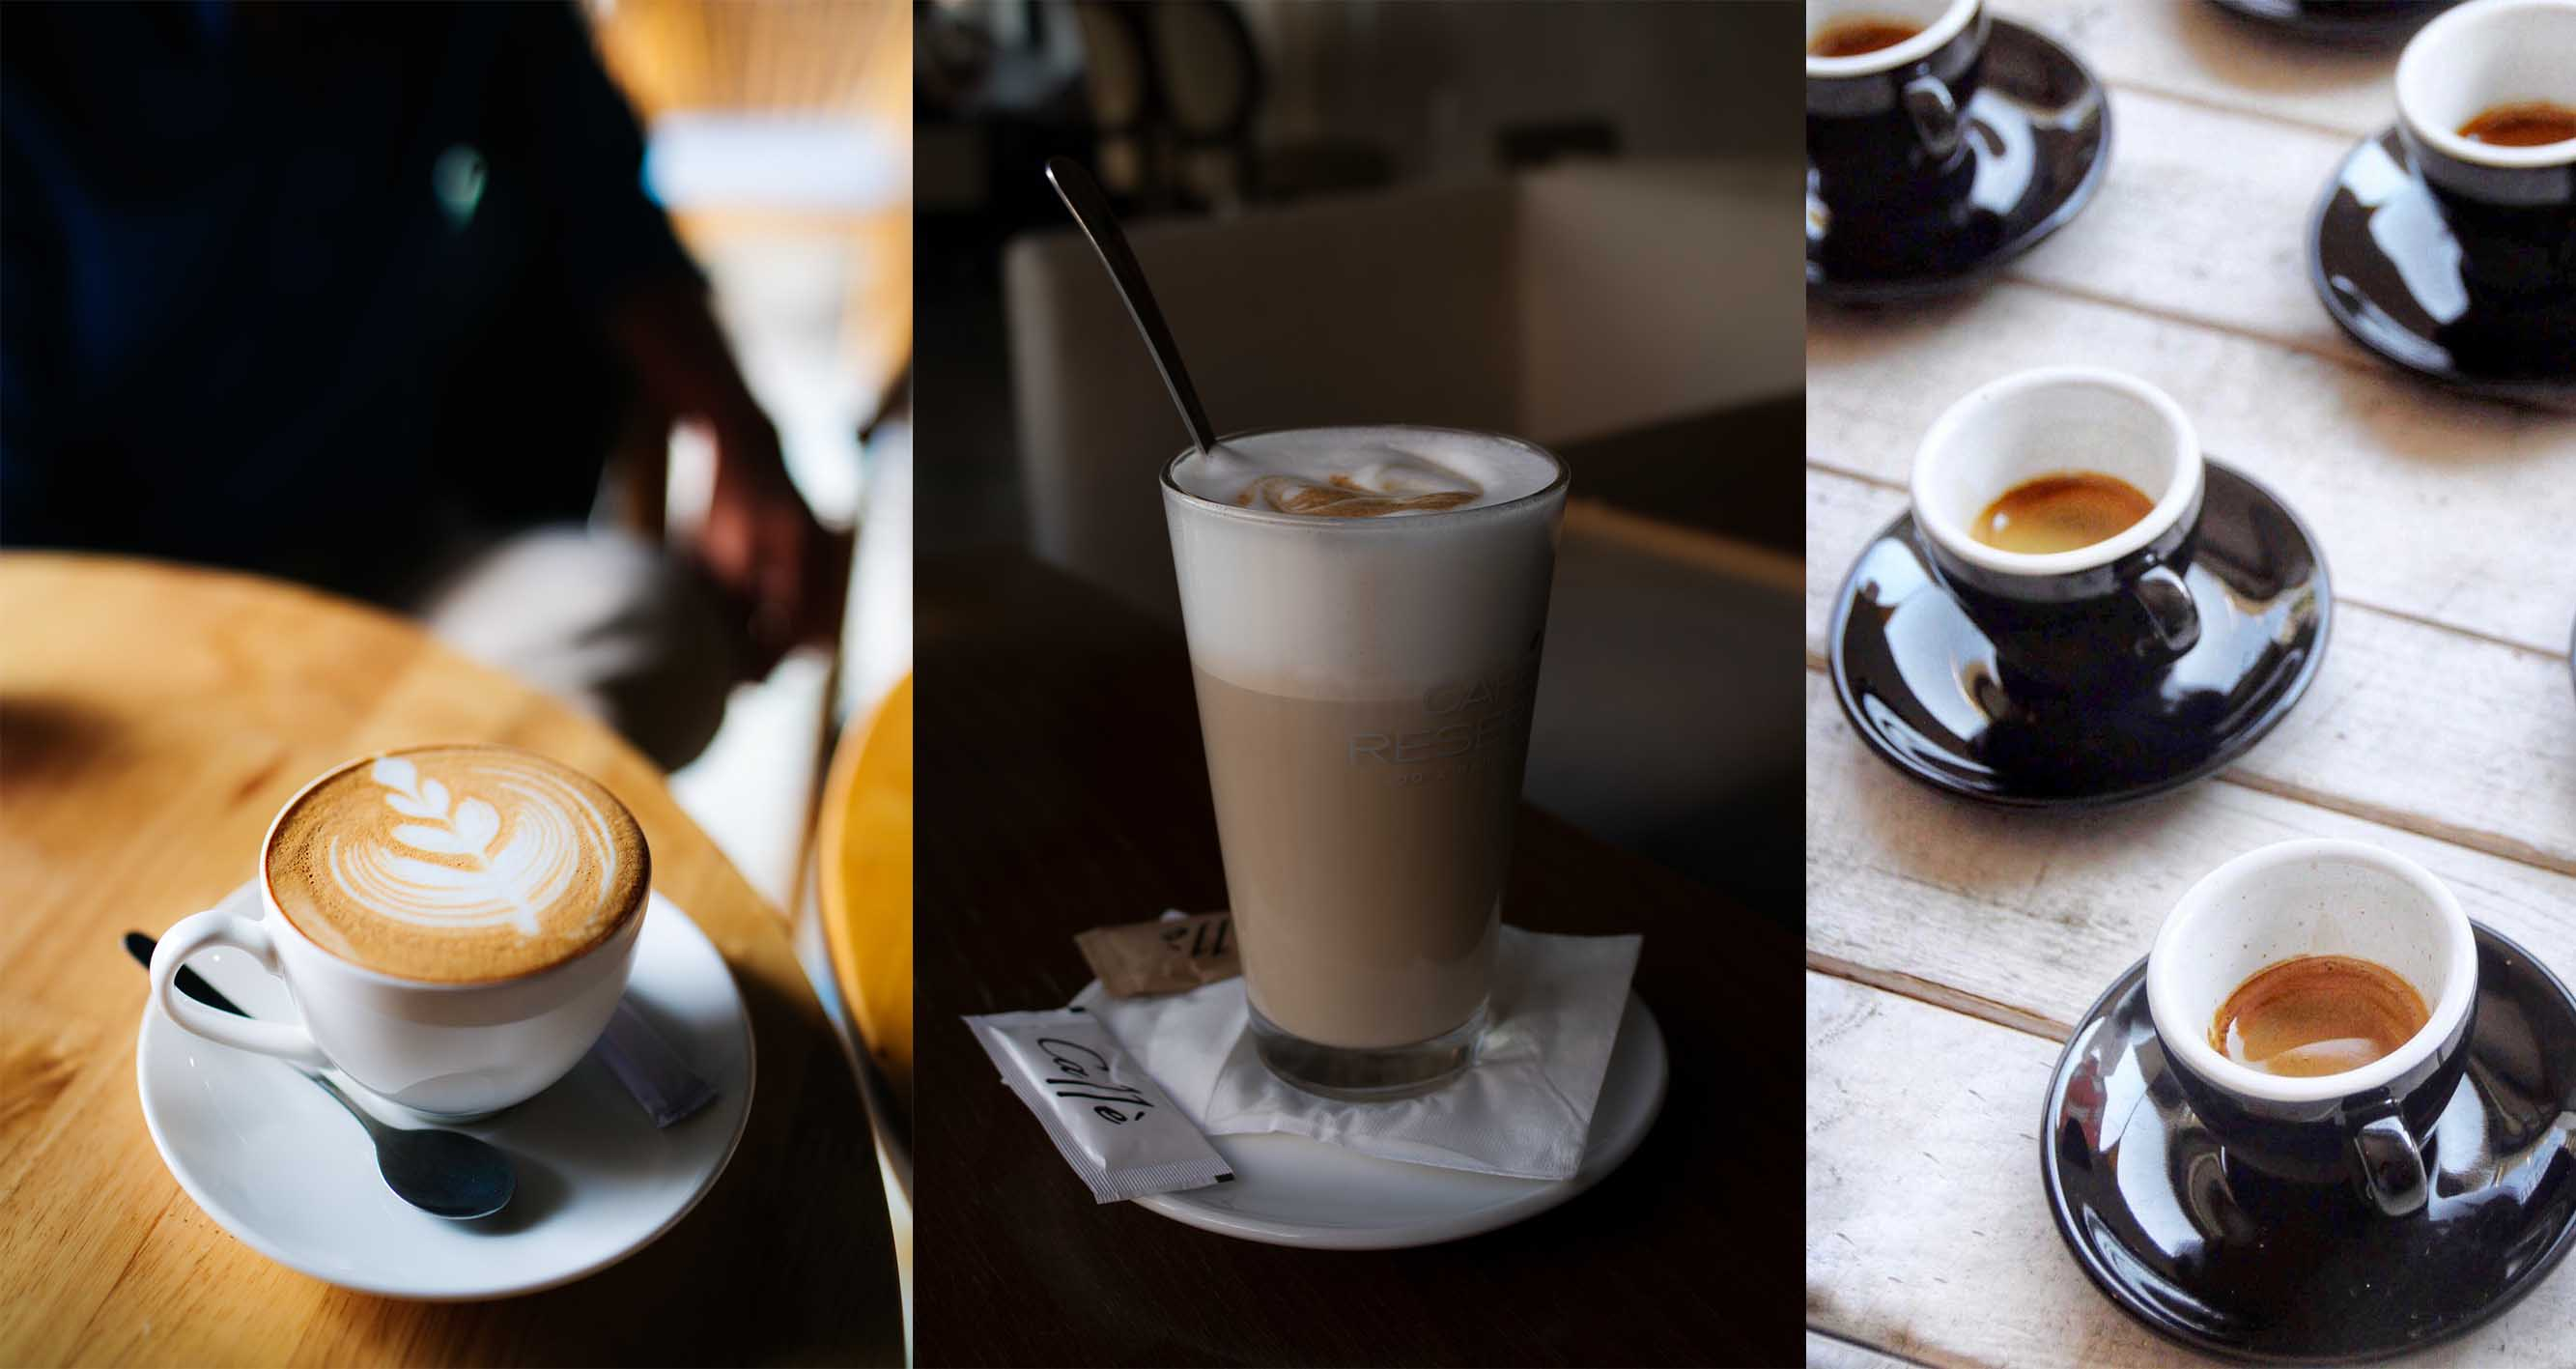 Jaké kávy si můžete dopřát v kavárně. Znáte rozdíly?